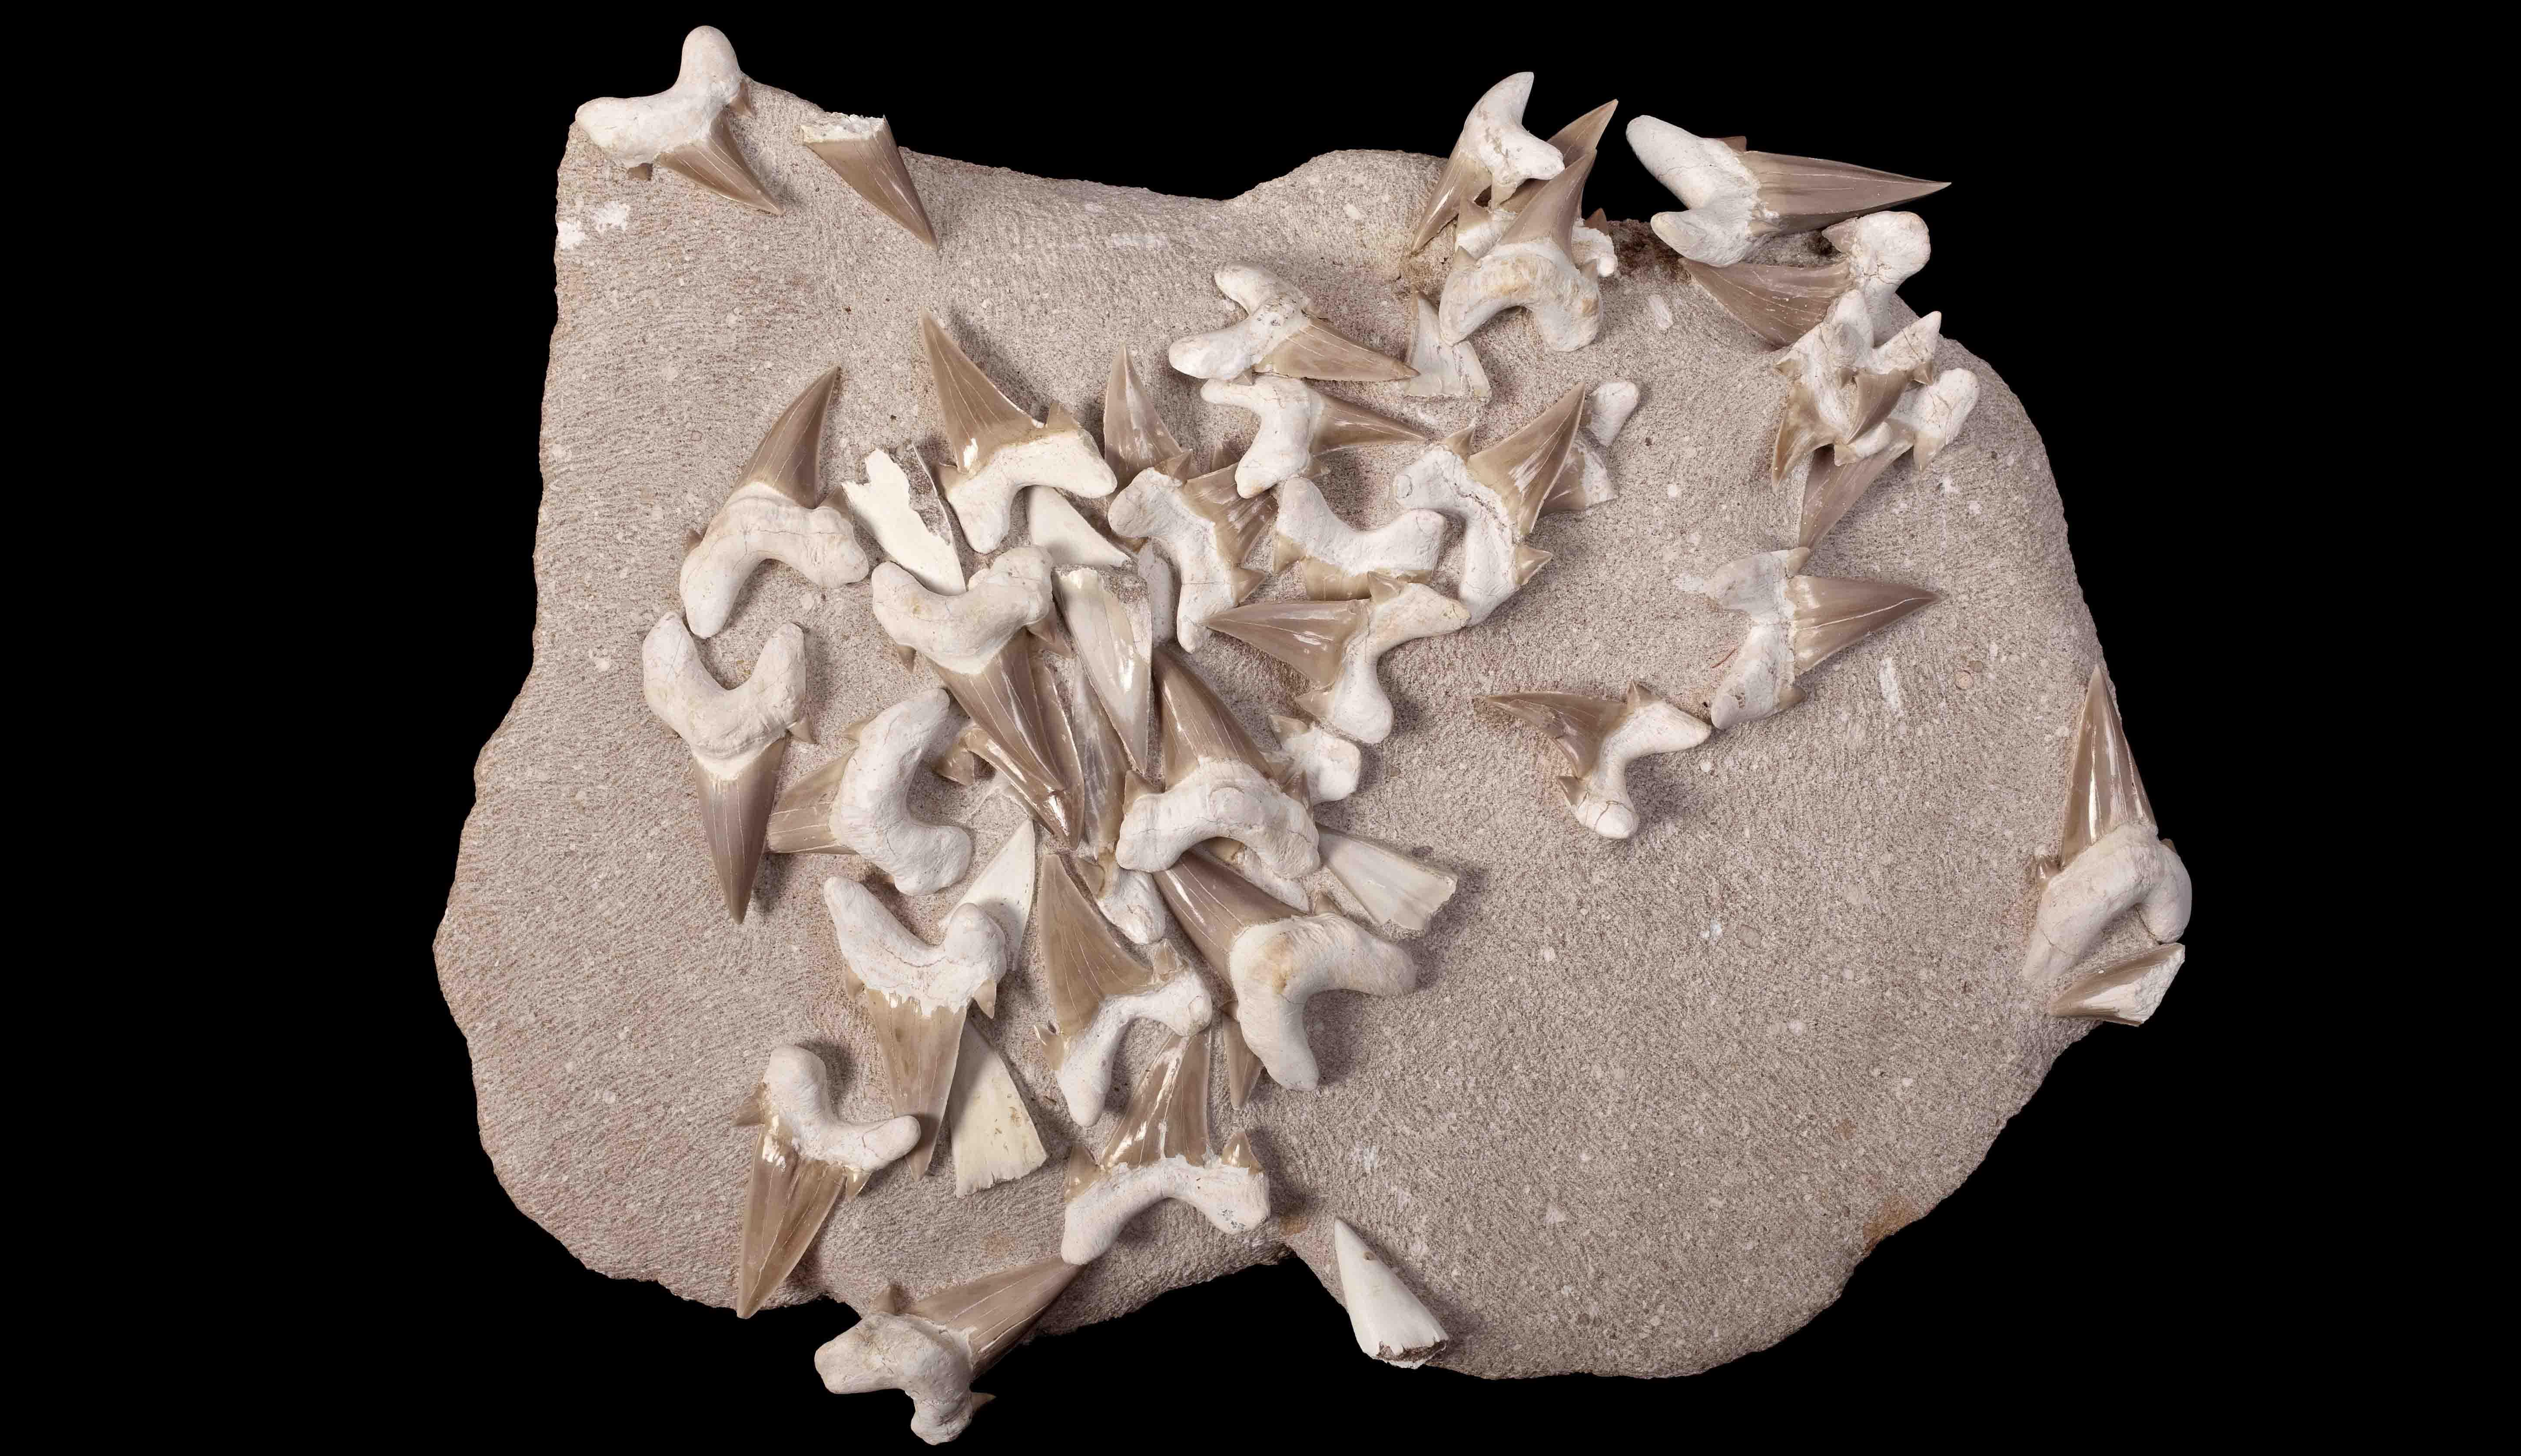 Les dents de requin sont les fossiles les plus communs trouvés